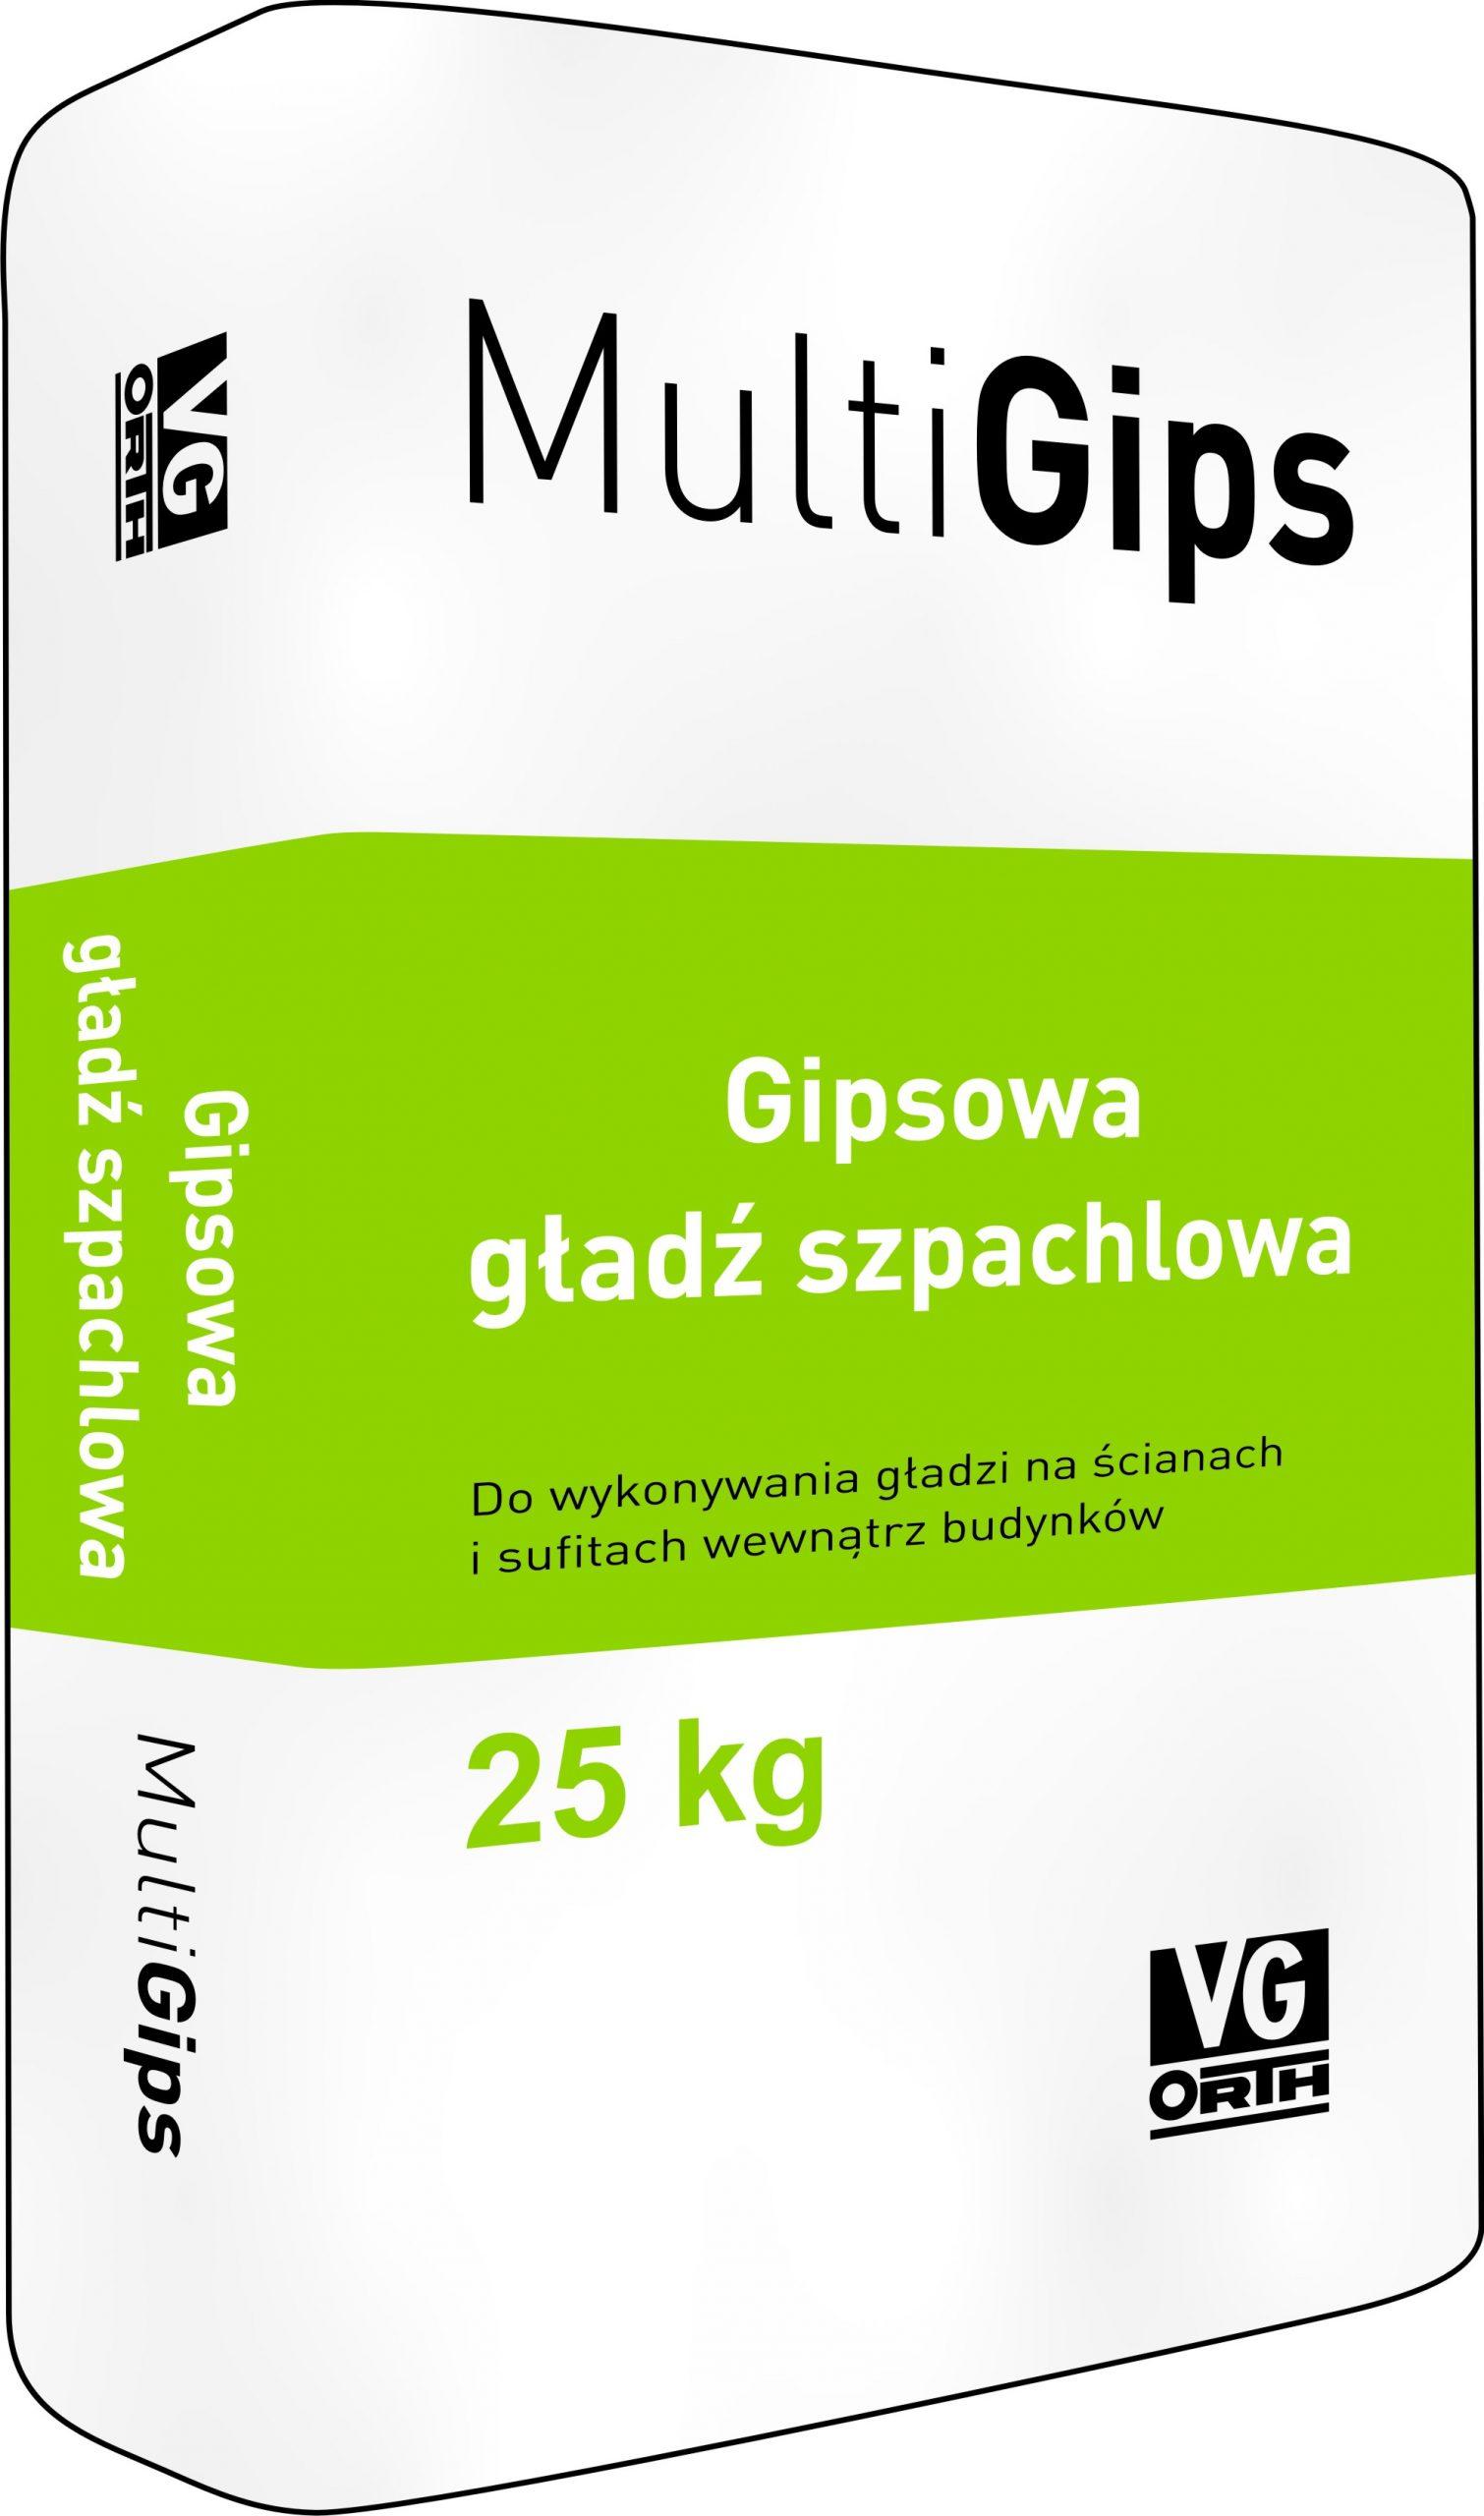 MultiGips Gipsowa gładź szpachlowa